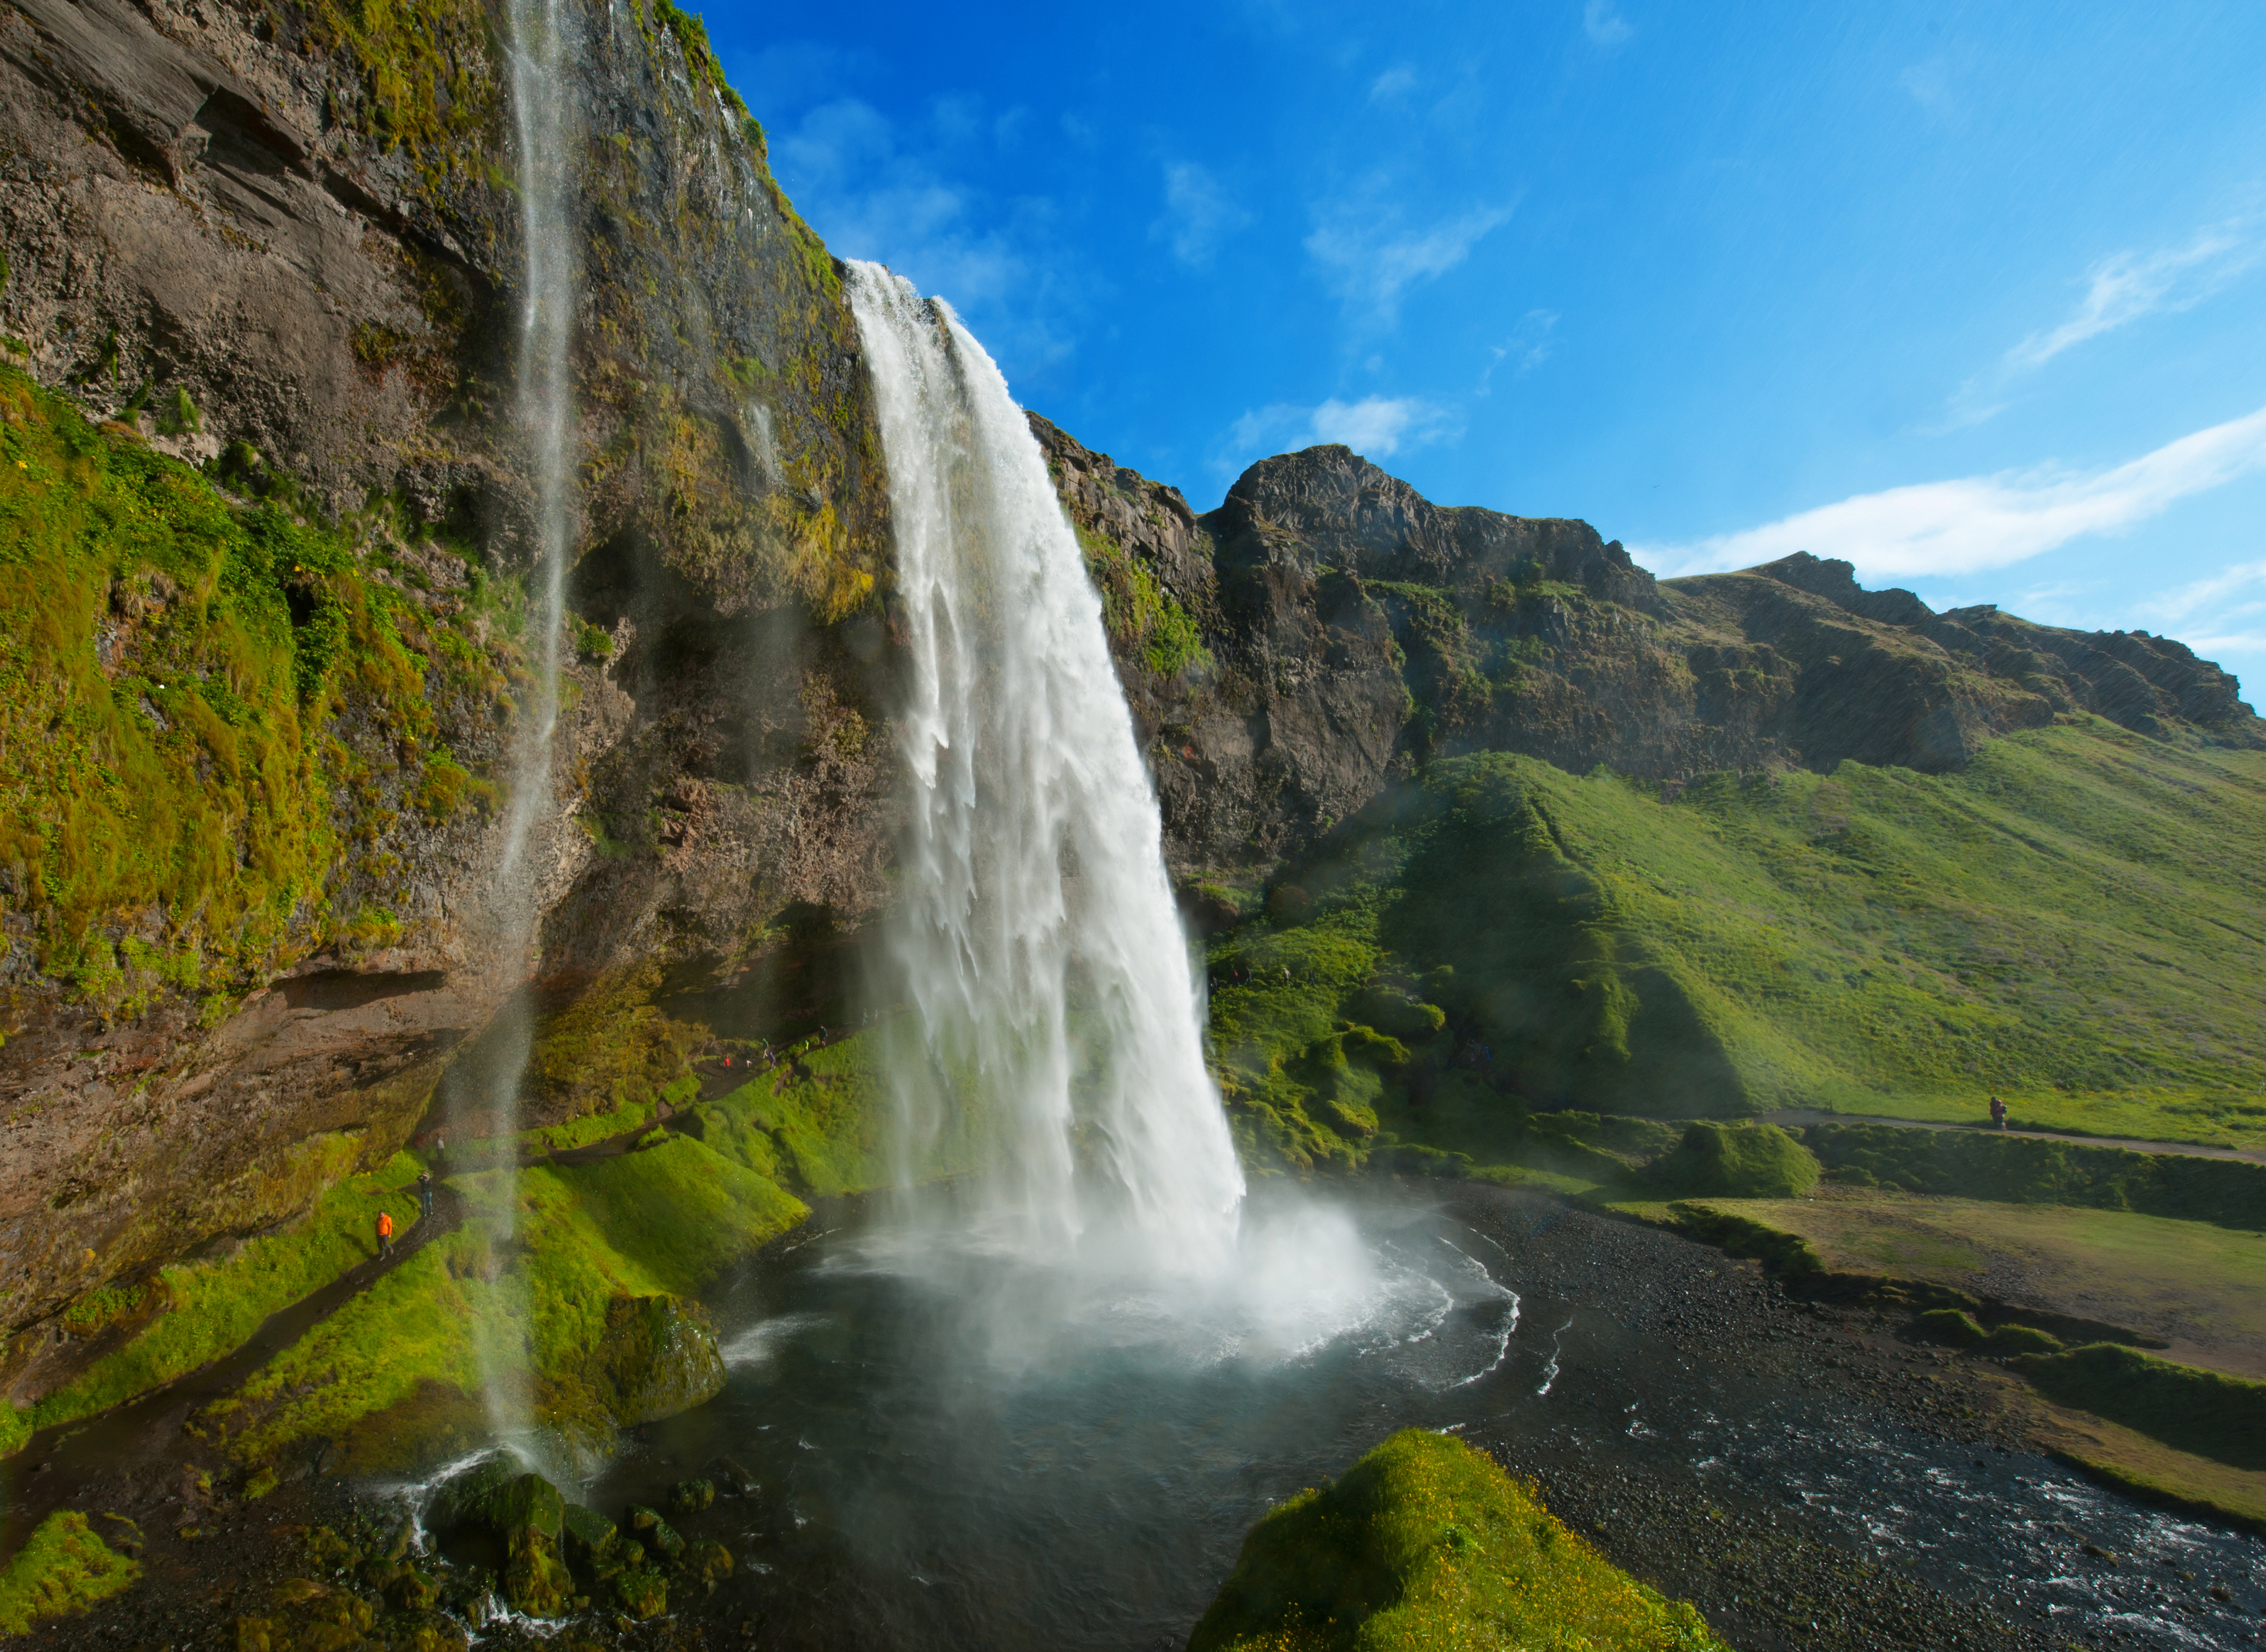 BILFERIE PÅ ISLAND_Bilferie gjennom det vakre Sør-Island_Opplev den vakre Seljalandsfoss på Island © Din Islandsreise